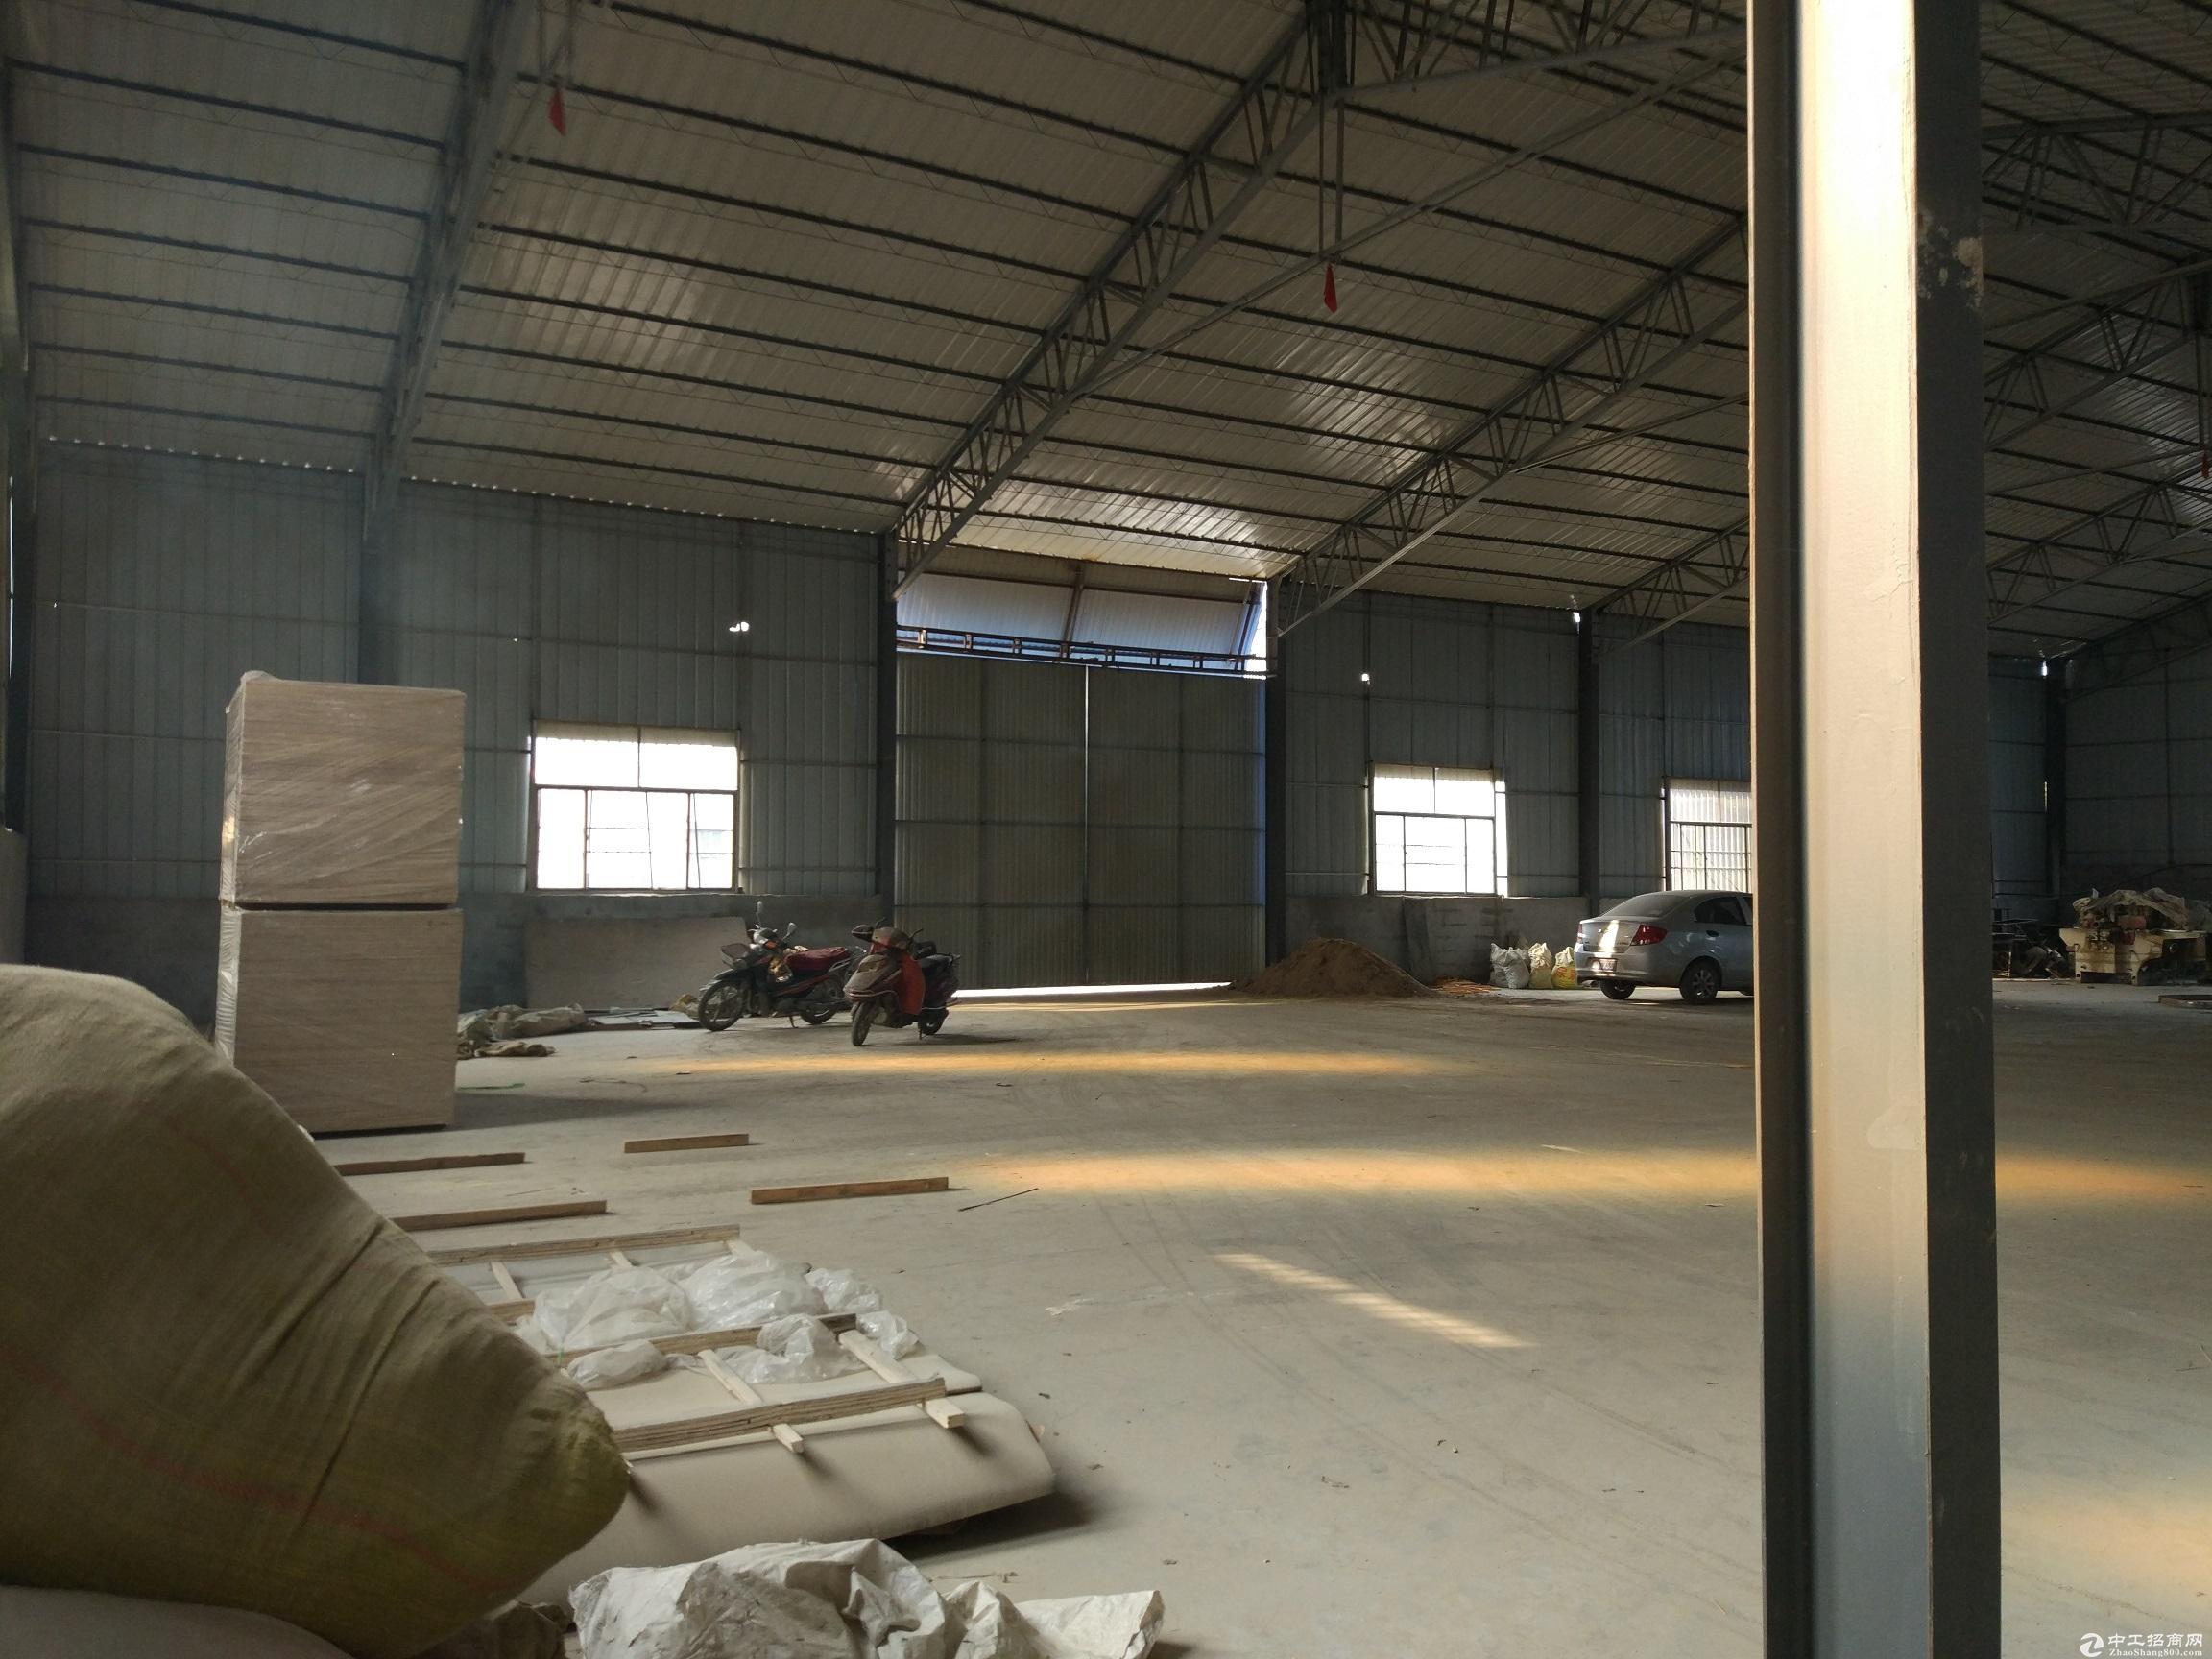 2019兰山区义堂镇2000-3000平米标准钢结构厂房出租